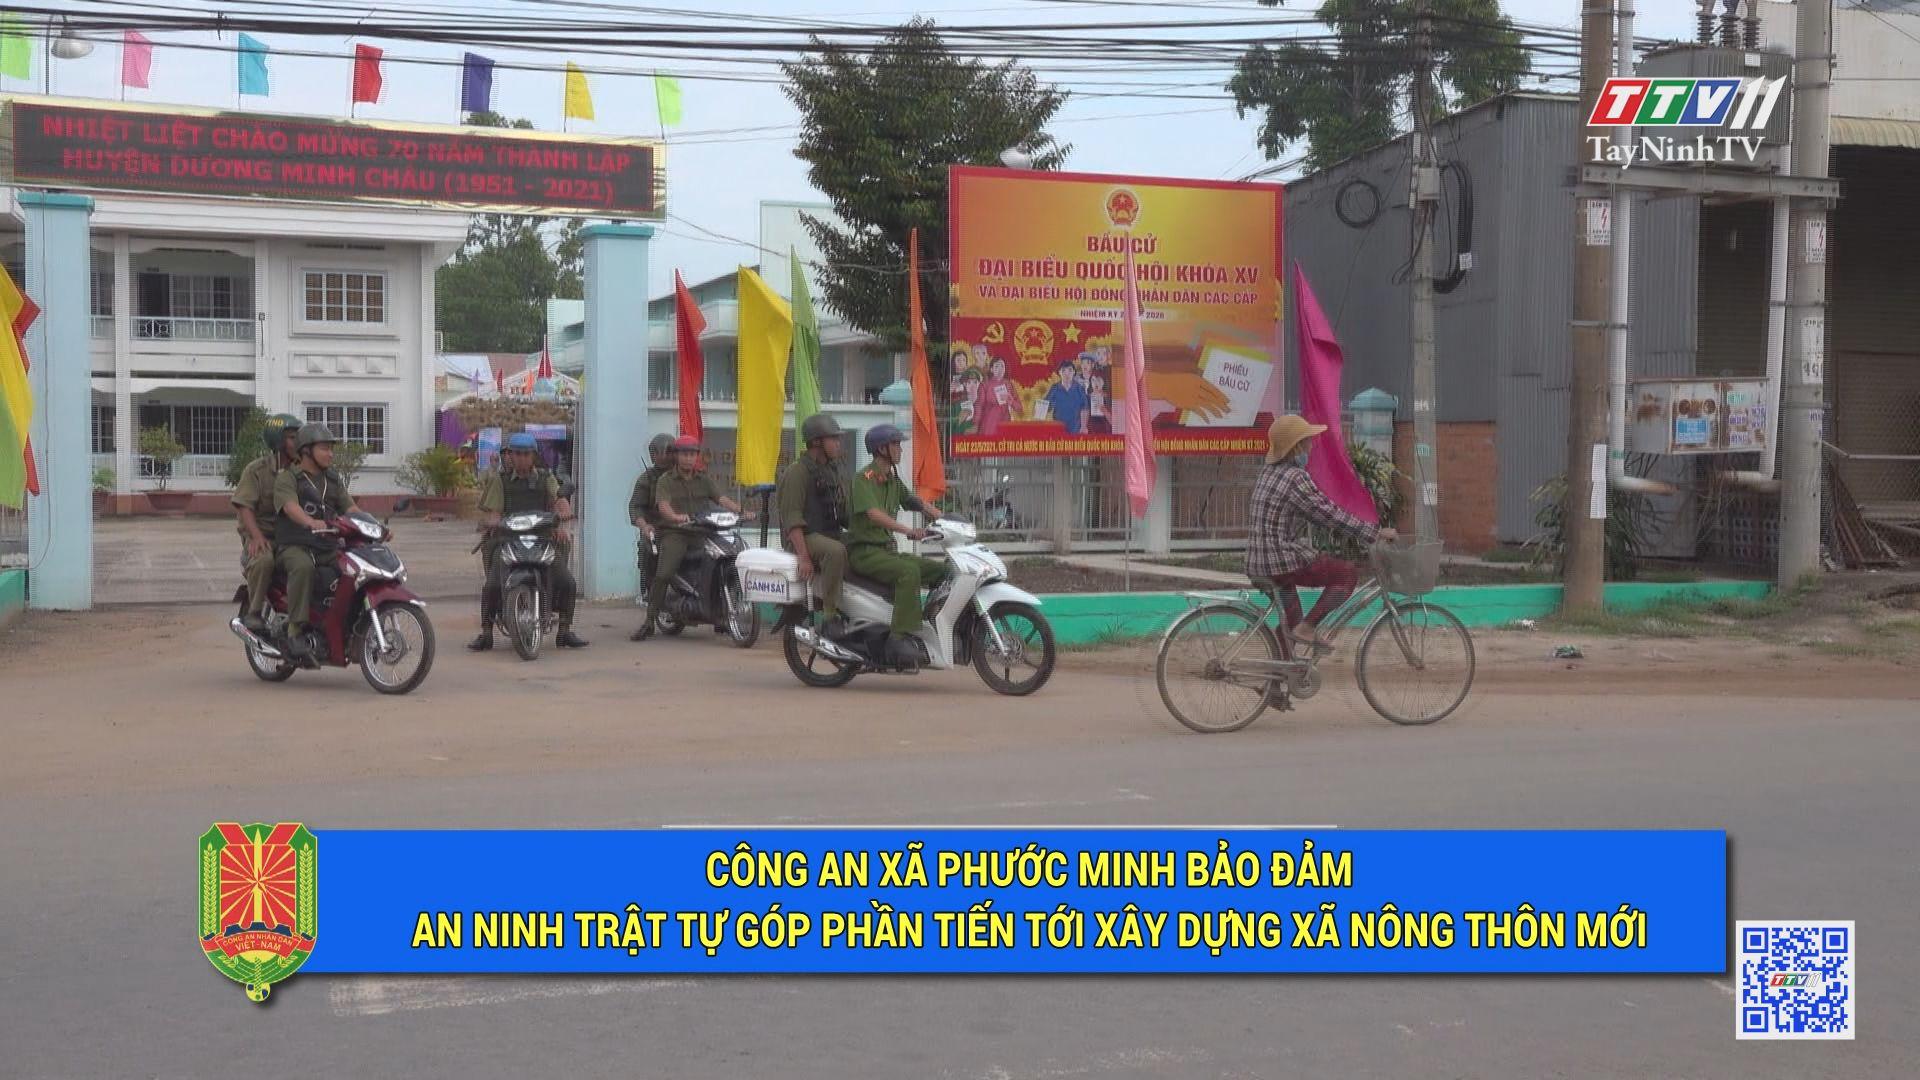 Công an xã Phước Minh bảo đảm ANTT góp phần tiến tới xây dựng xã nông thôn mới   AN NINH TÂY NINH   TayNinhTV